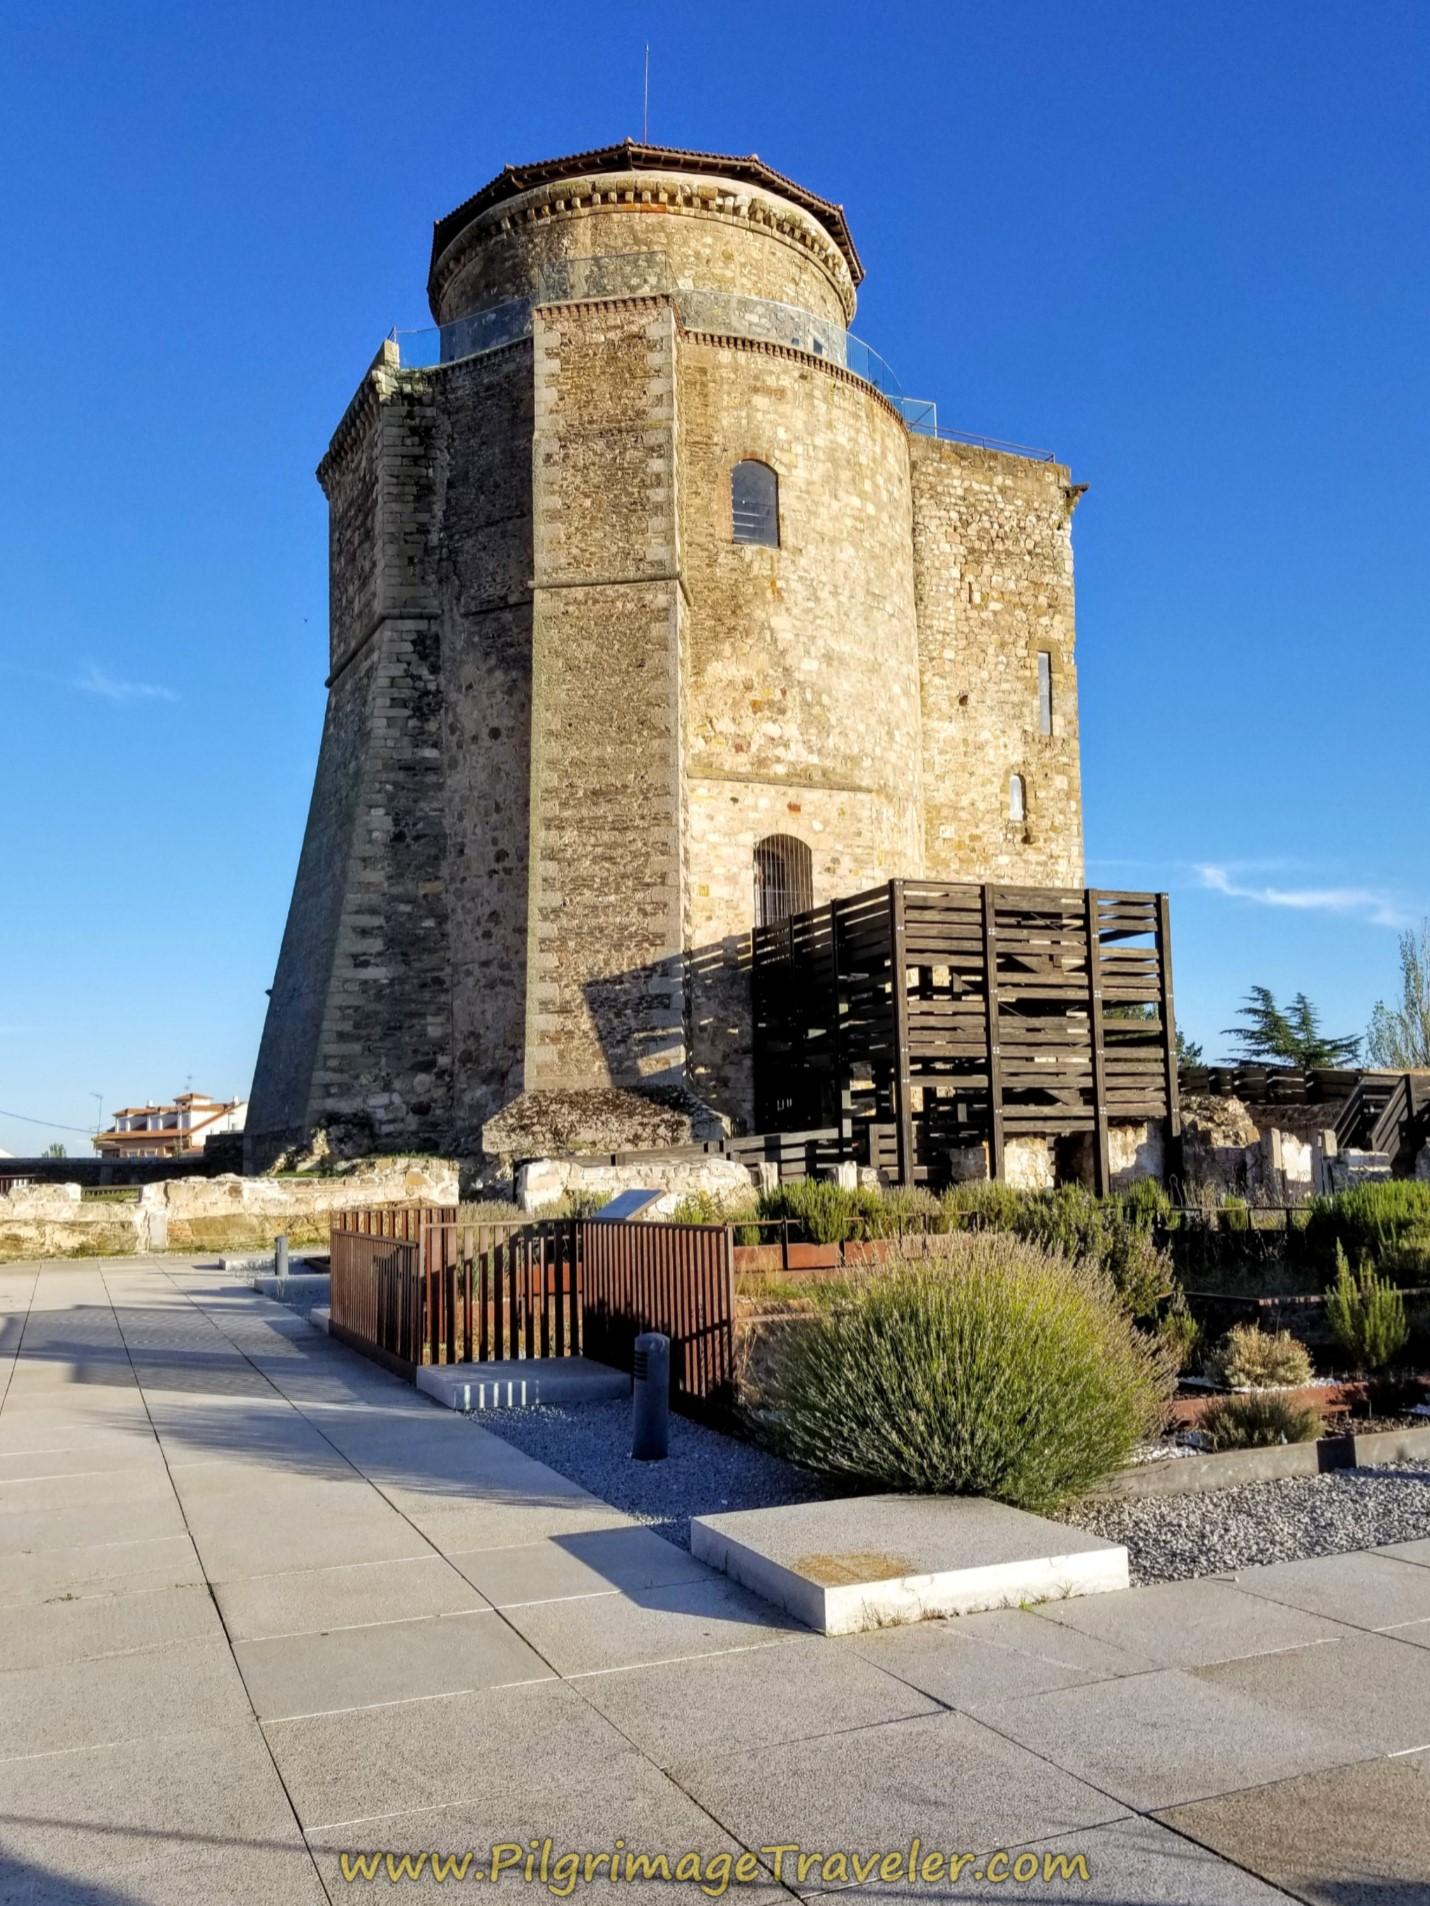 Castillo-Palacio de los Duques de Alba